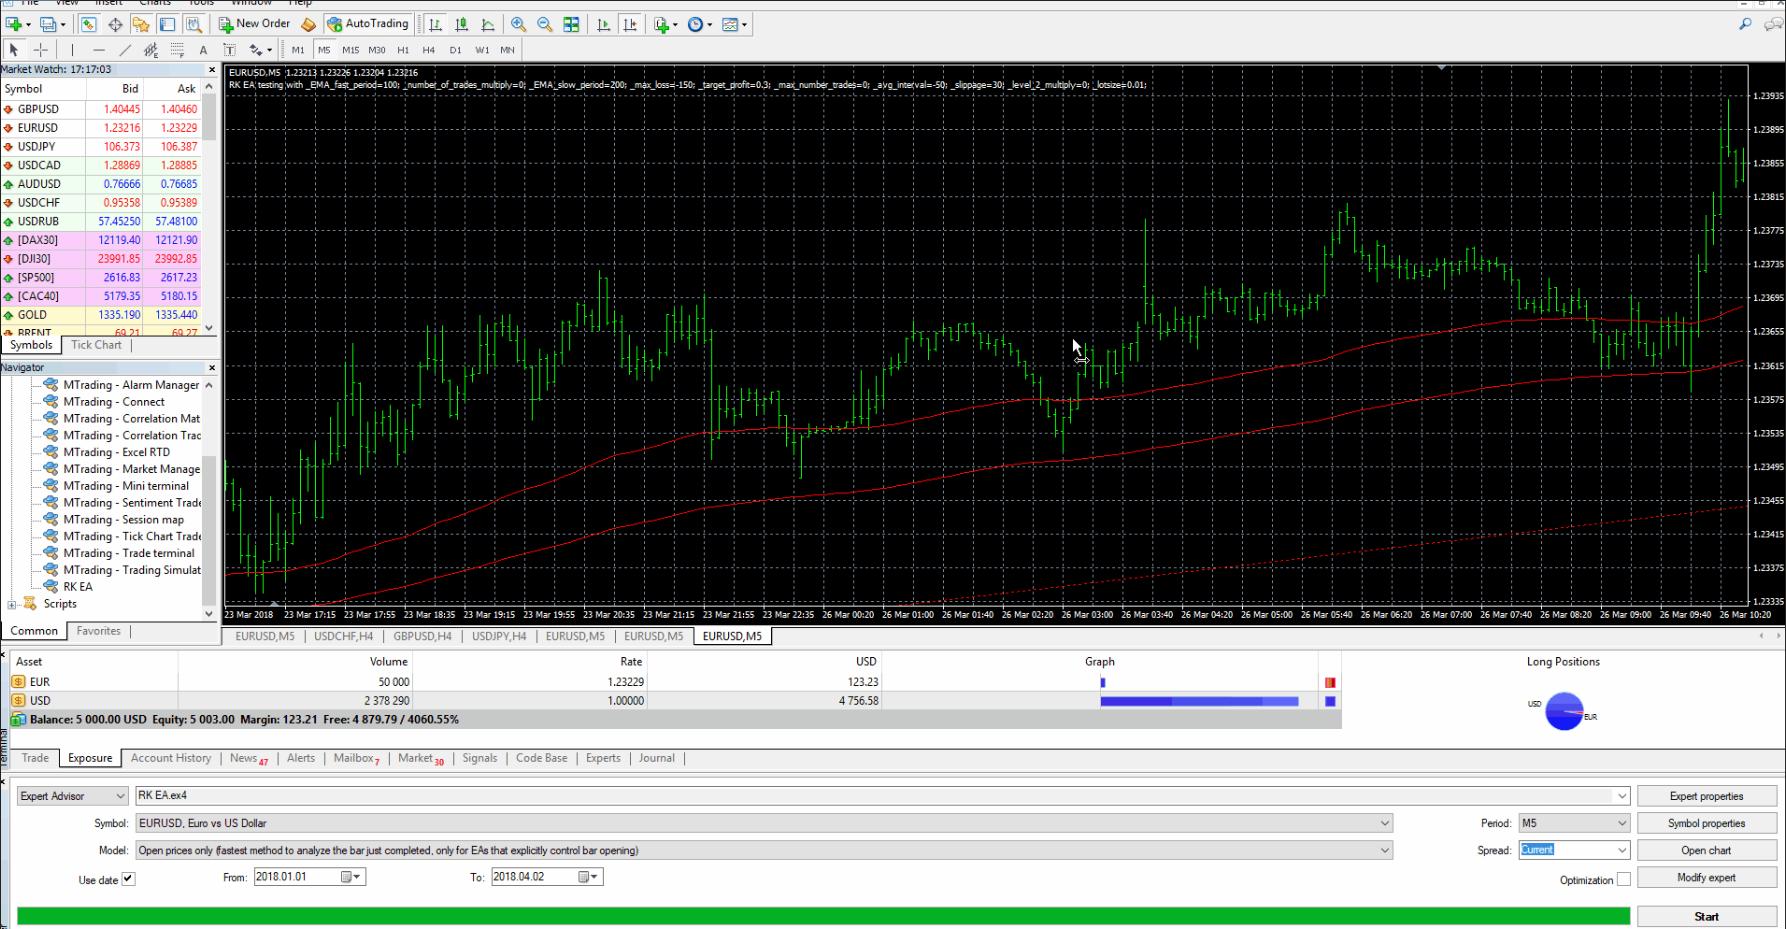 Kita dapat melihat bahwa strategi Master Candle telah menghasilkan sekitar 6,72% ROI